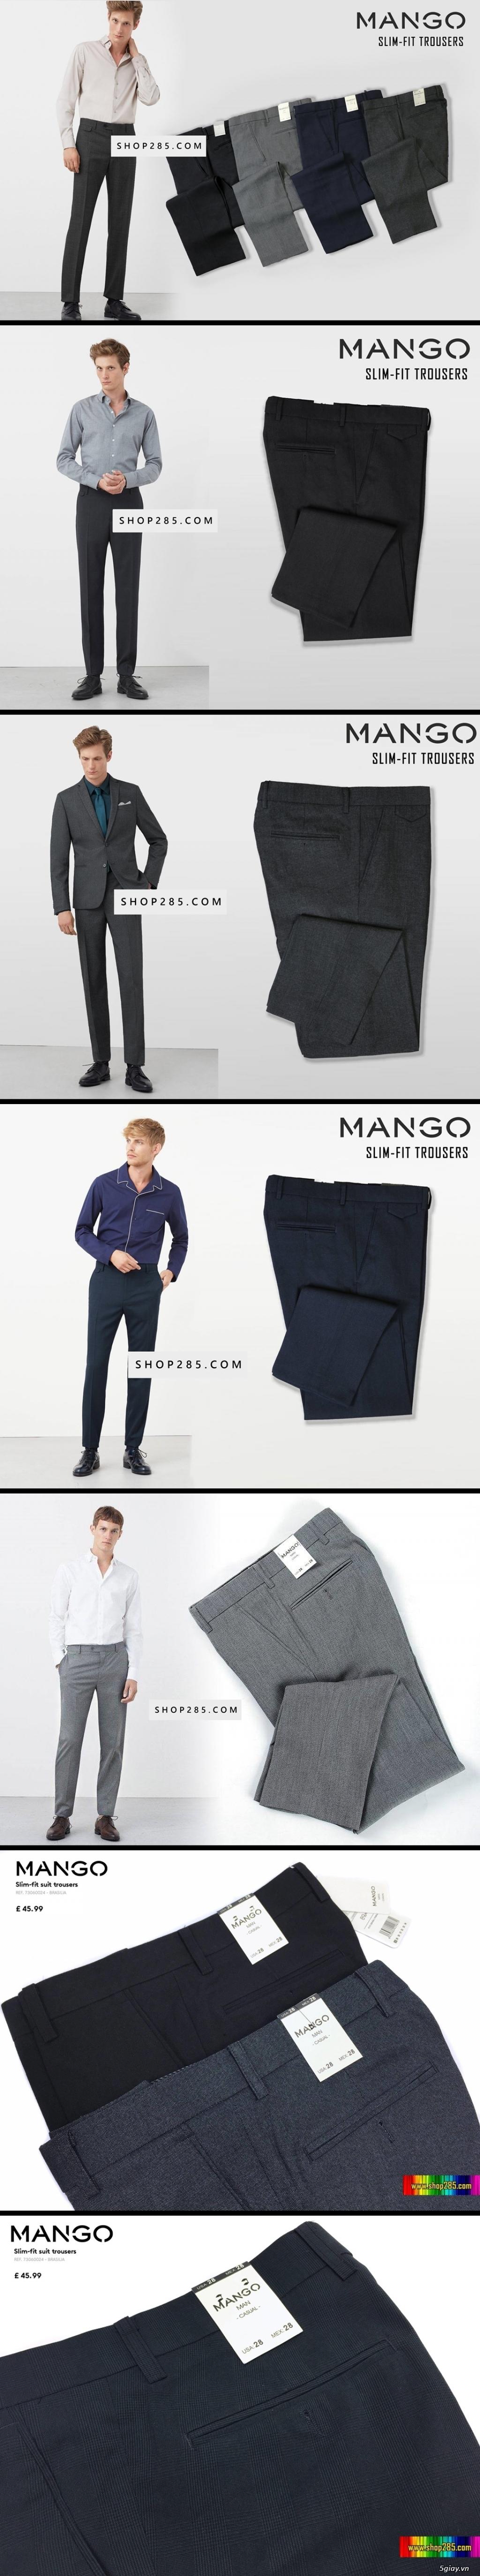 Shop285.com - Shop quần áo thời trang nam VNXK mẫu mới về liên tục ^^ - 48